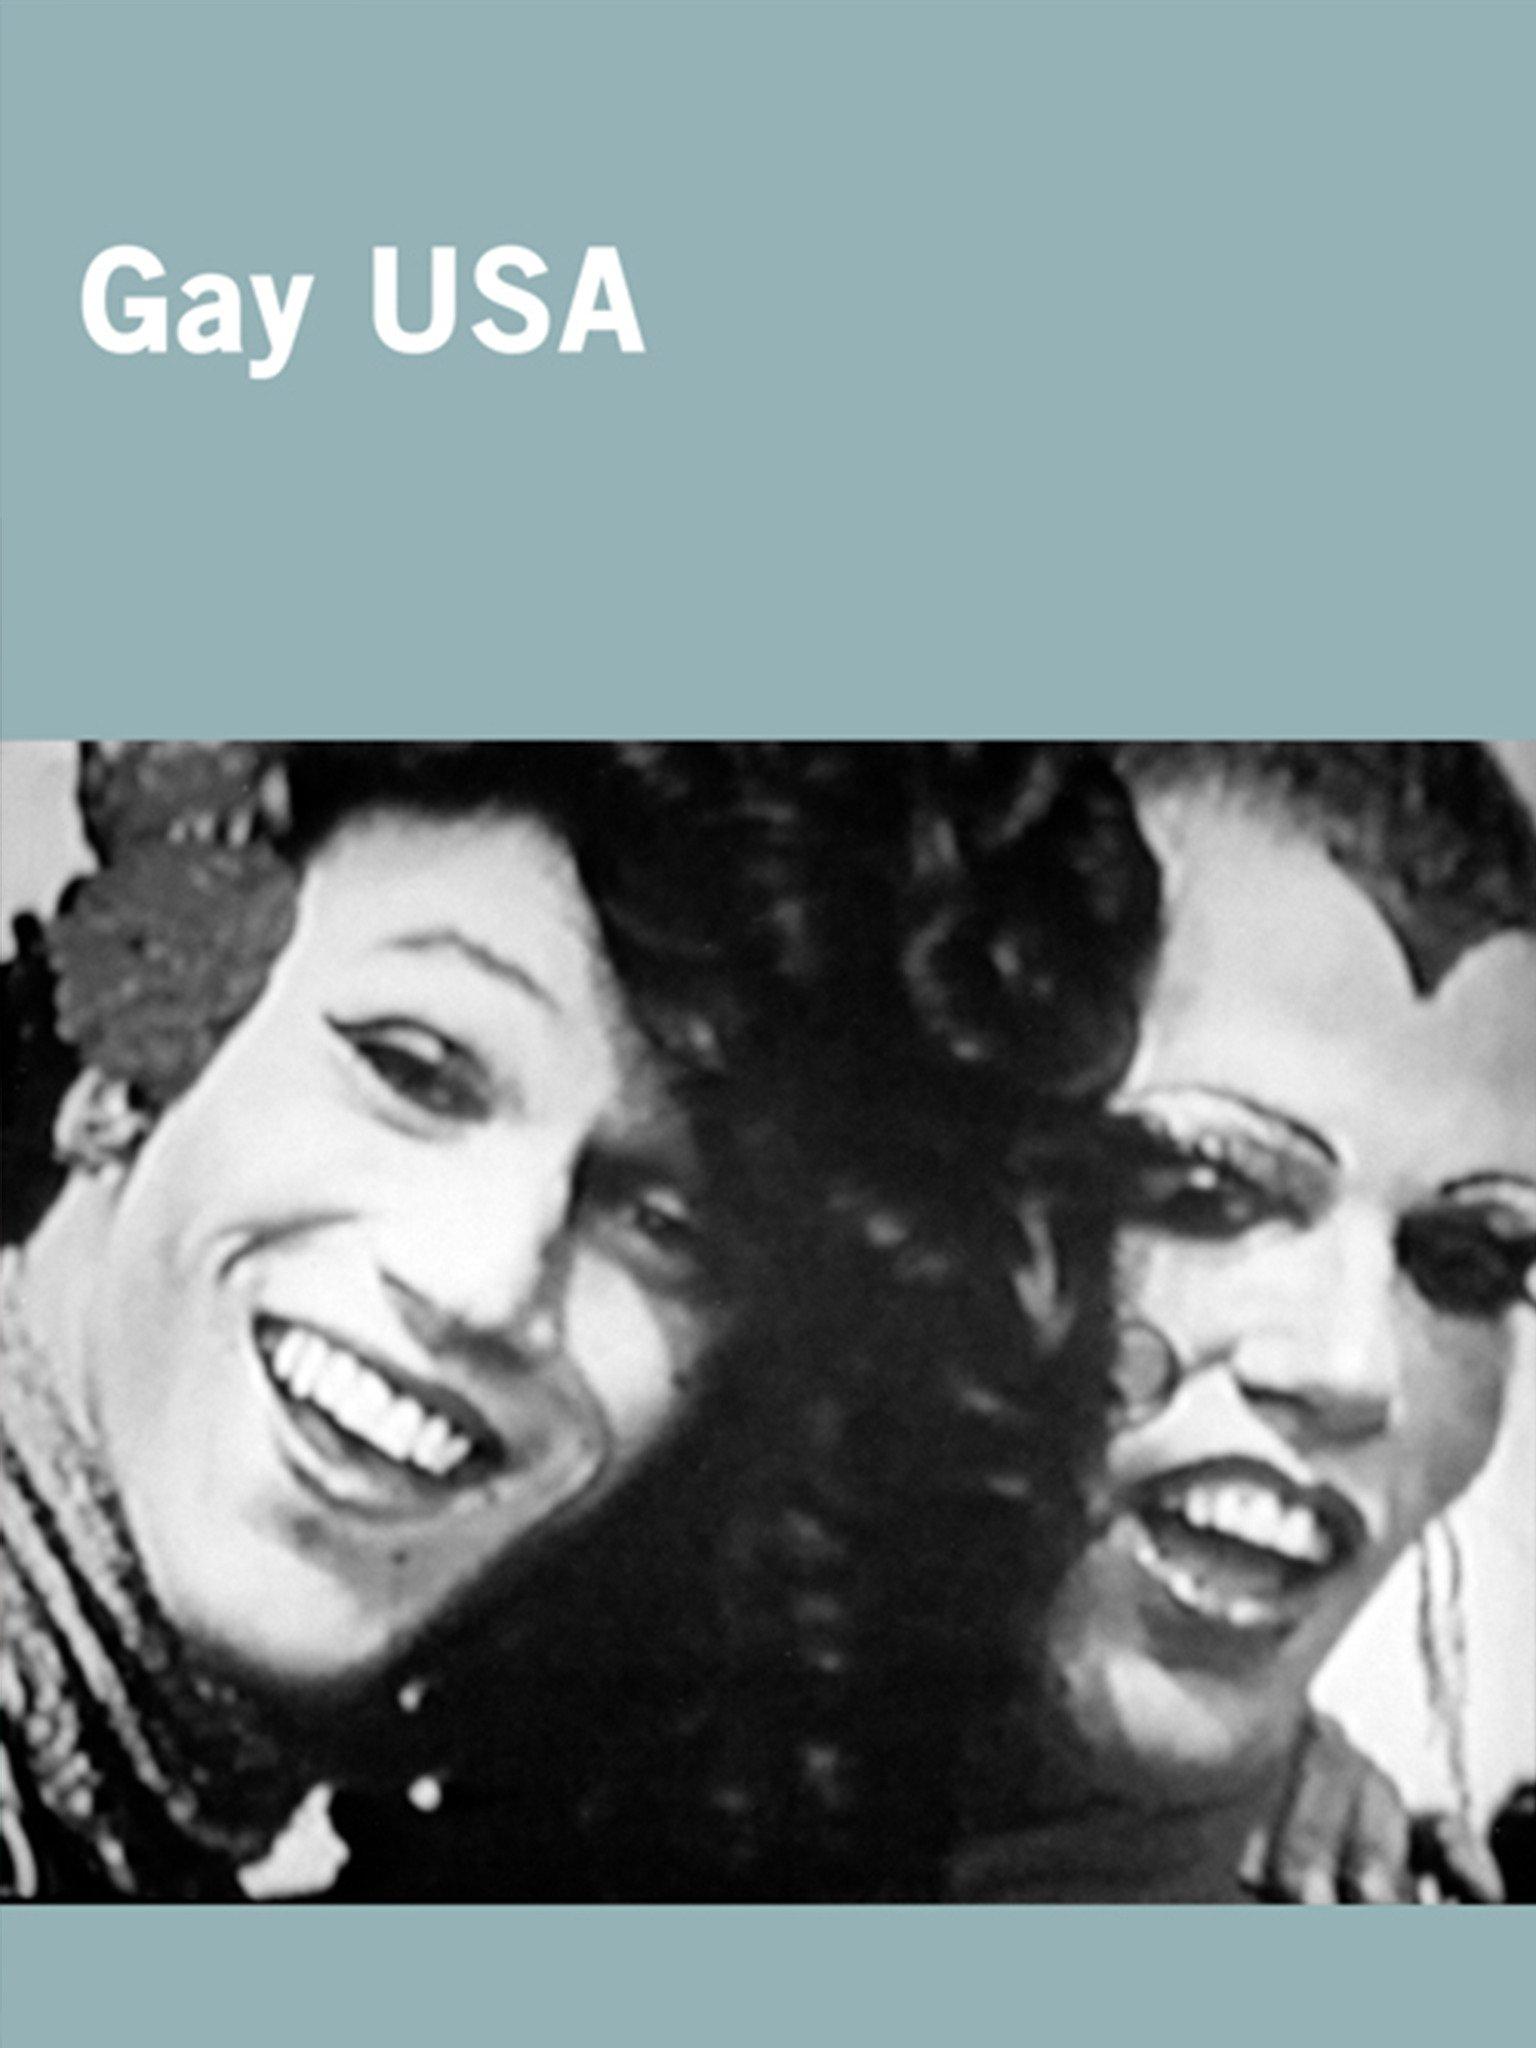 Gay USA